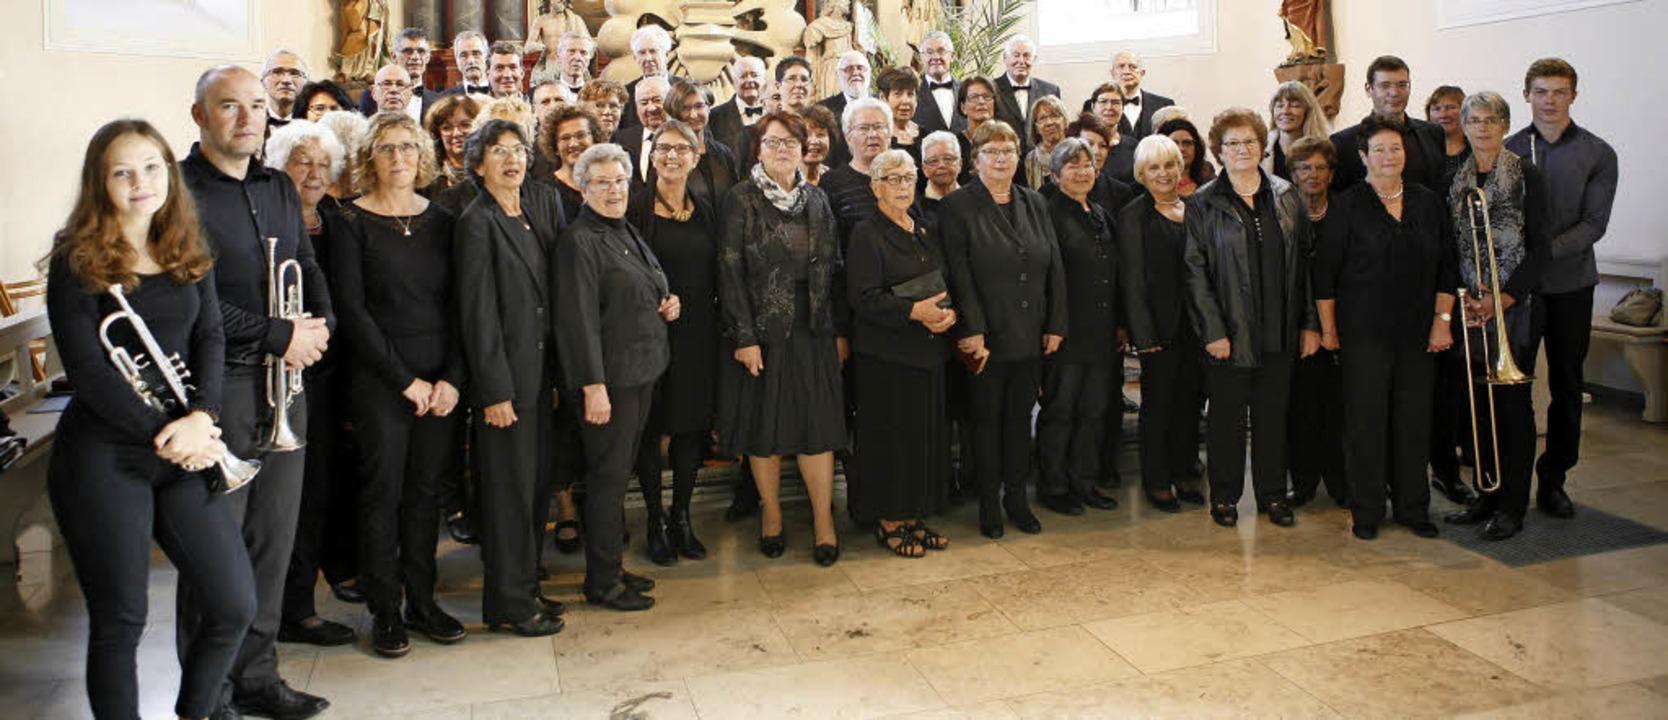 Der Katholische Kirchenchor beim Festgottesdienst in Gottenheim   | Foto: Mario Schöneberg